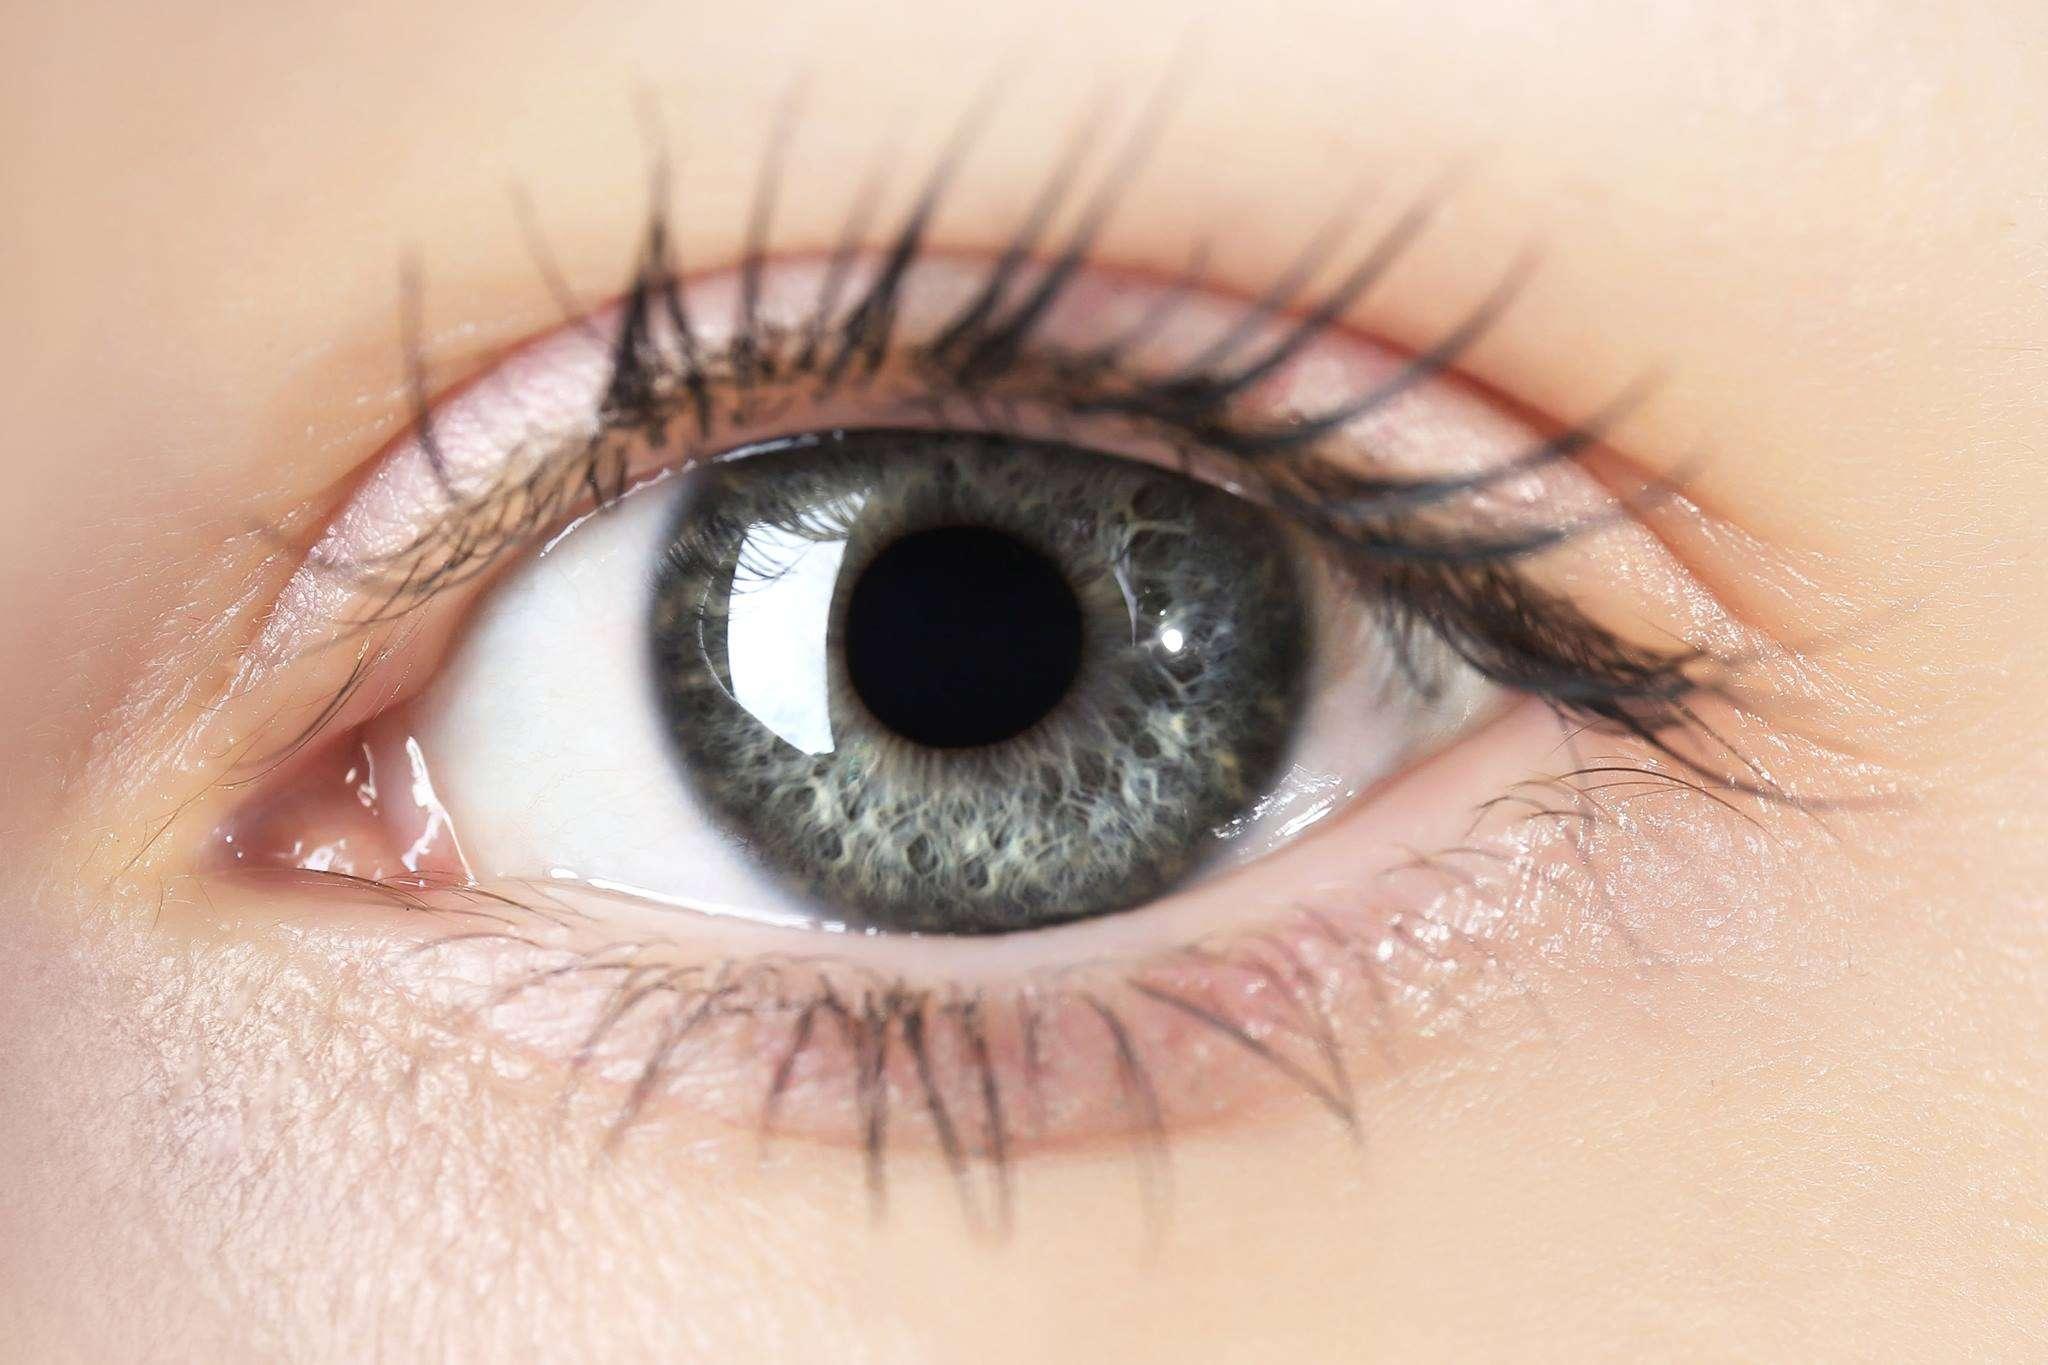 Bëni kujdes, ja cilat janë shenjat e para të infektimit nga Covid-19 përmes syve